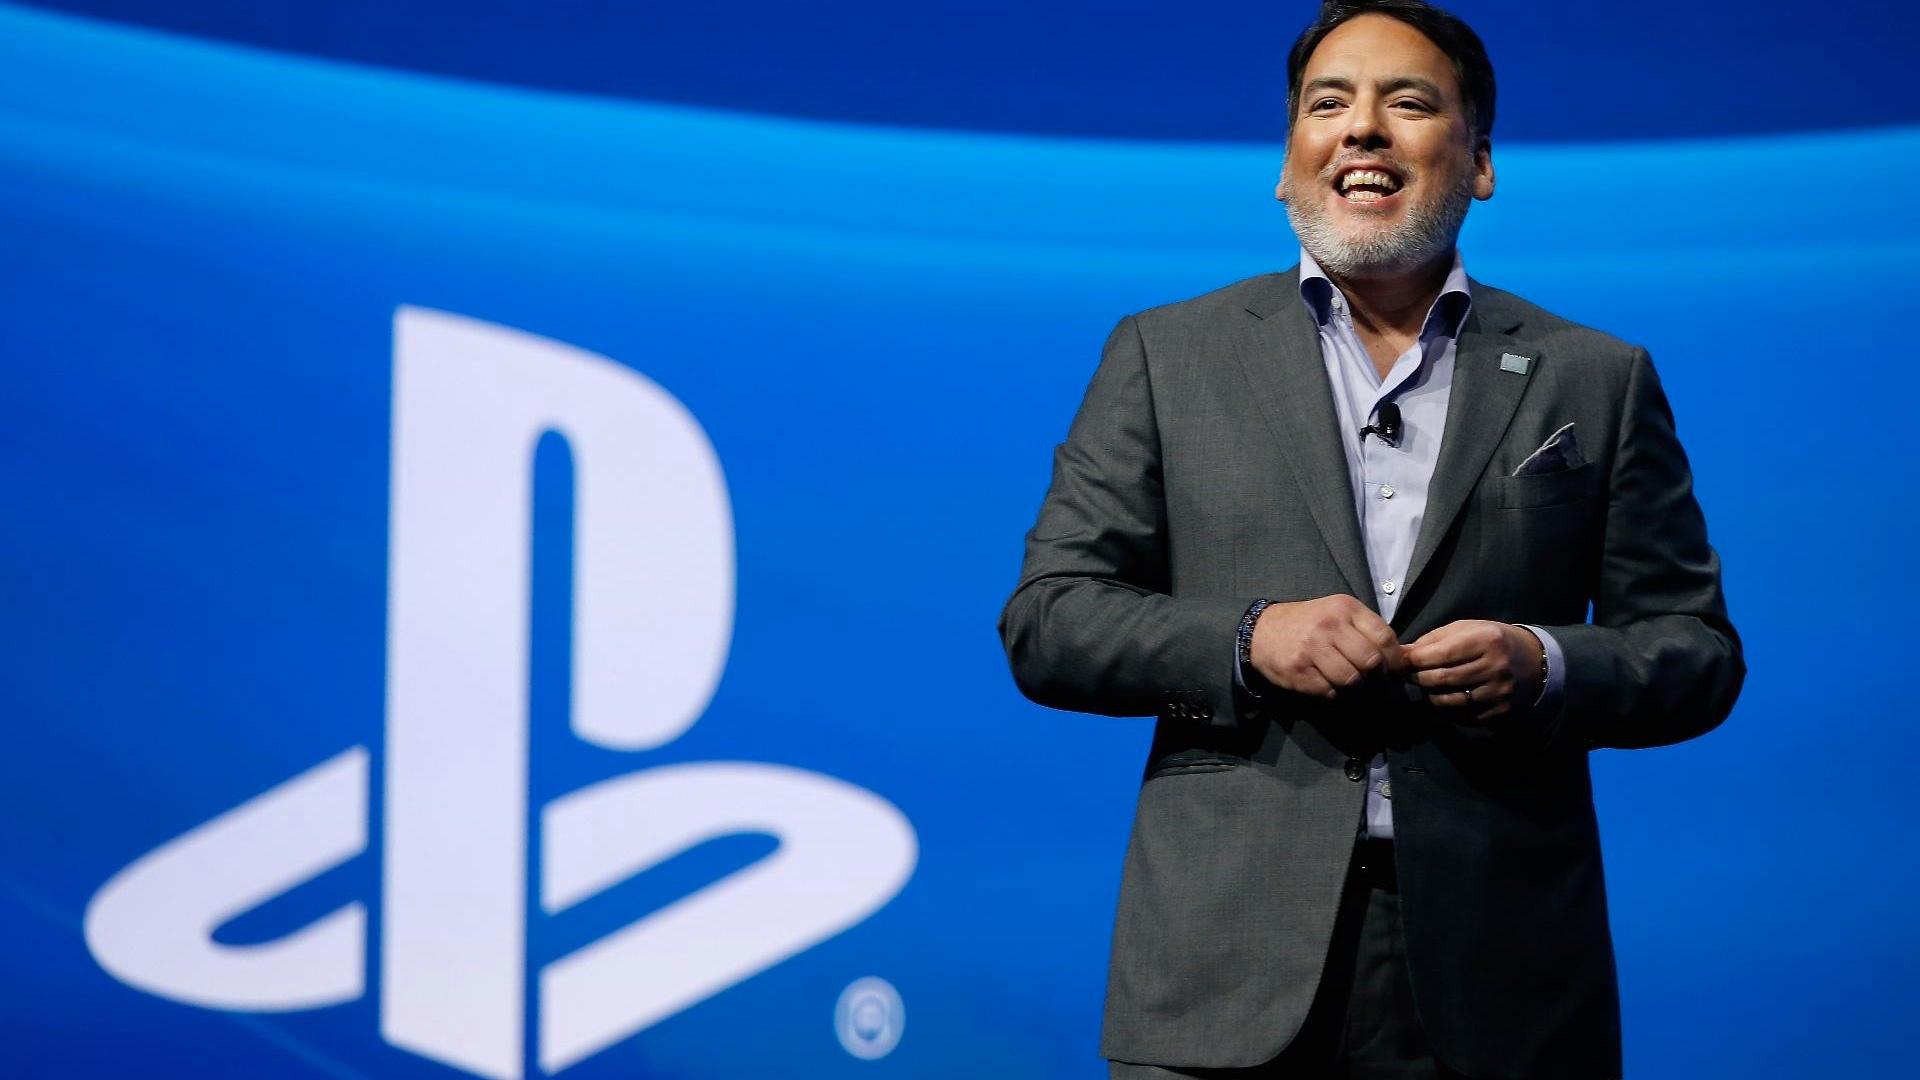 Sếp cũ của Sony thổ lộ về nỗ lực đưa game từ PlayStation lên PC - Ảnh 1.